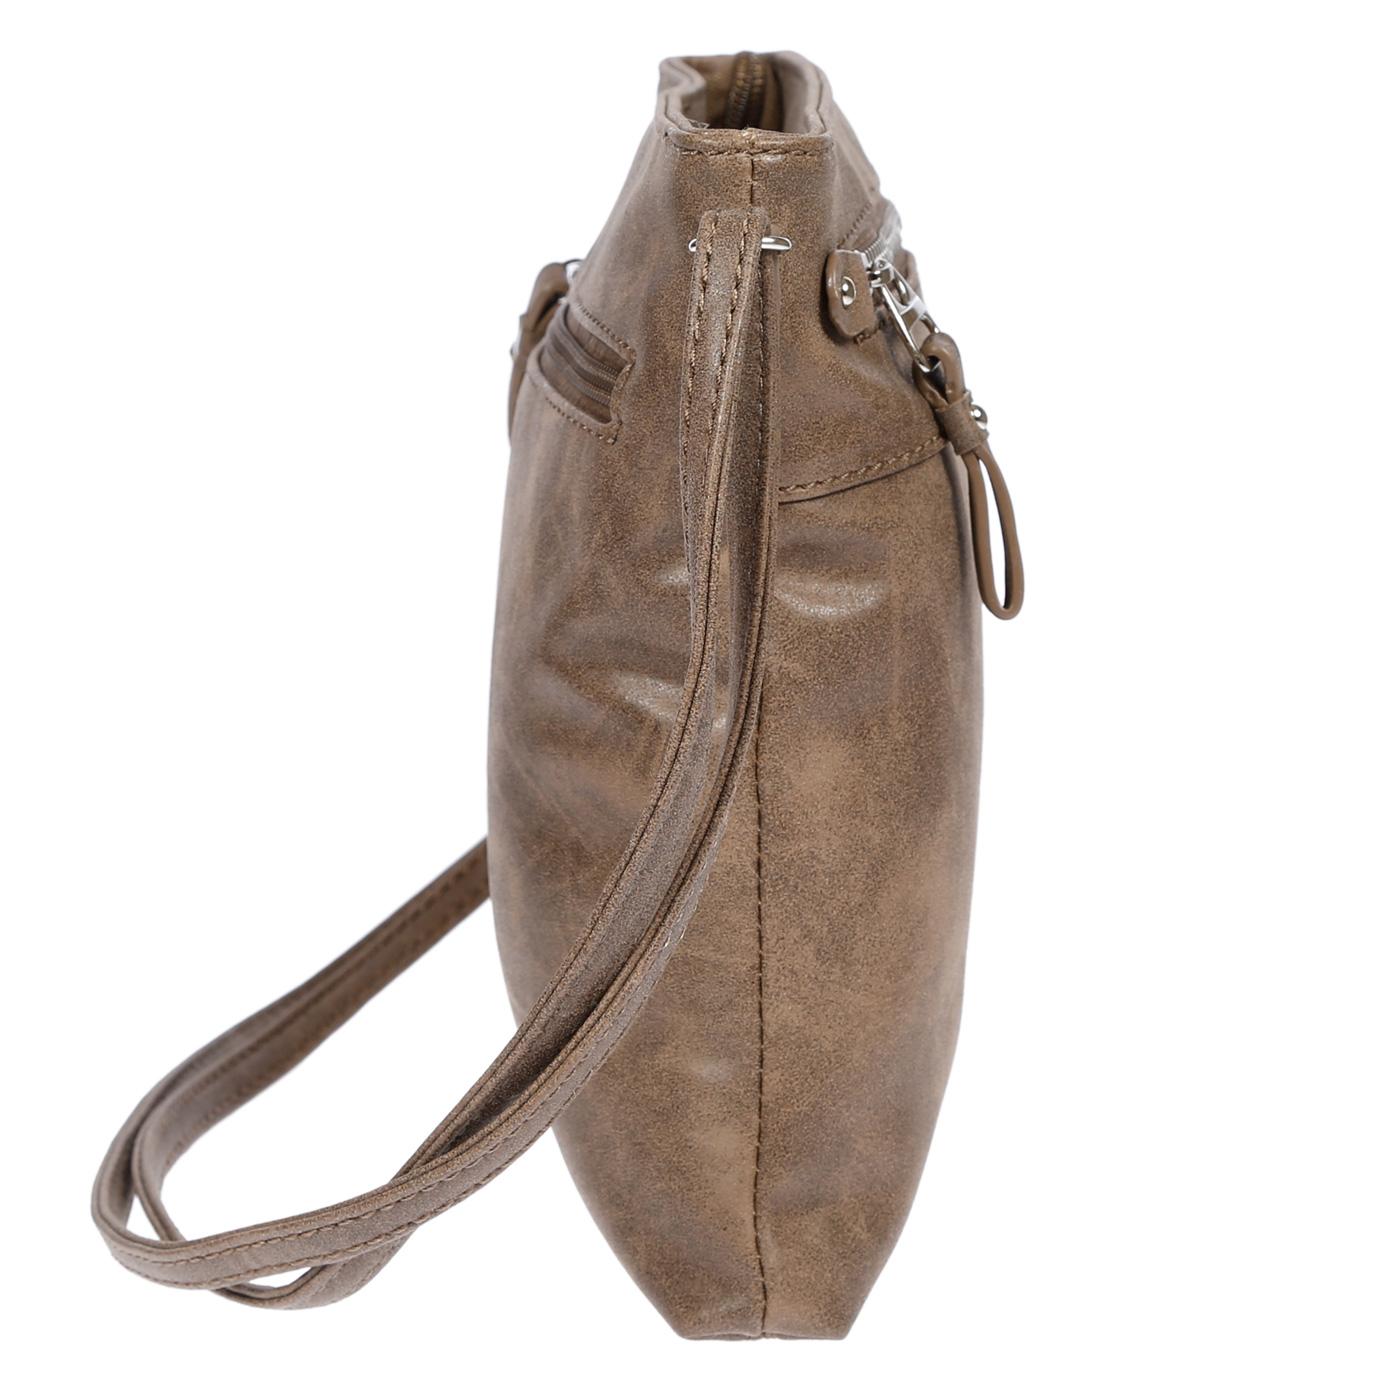 Damen-Handtasche-Umhaengetasche-Schultertasche-Tasche-Leder-Optik-Schwarz-Weiss Indexbild 18